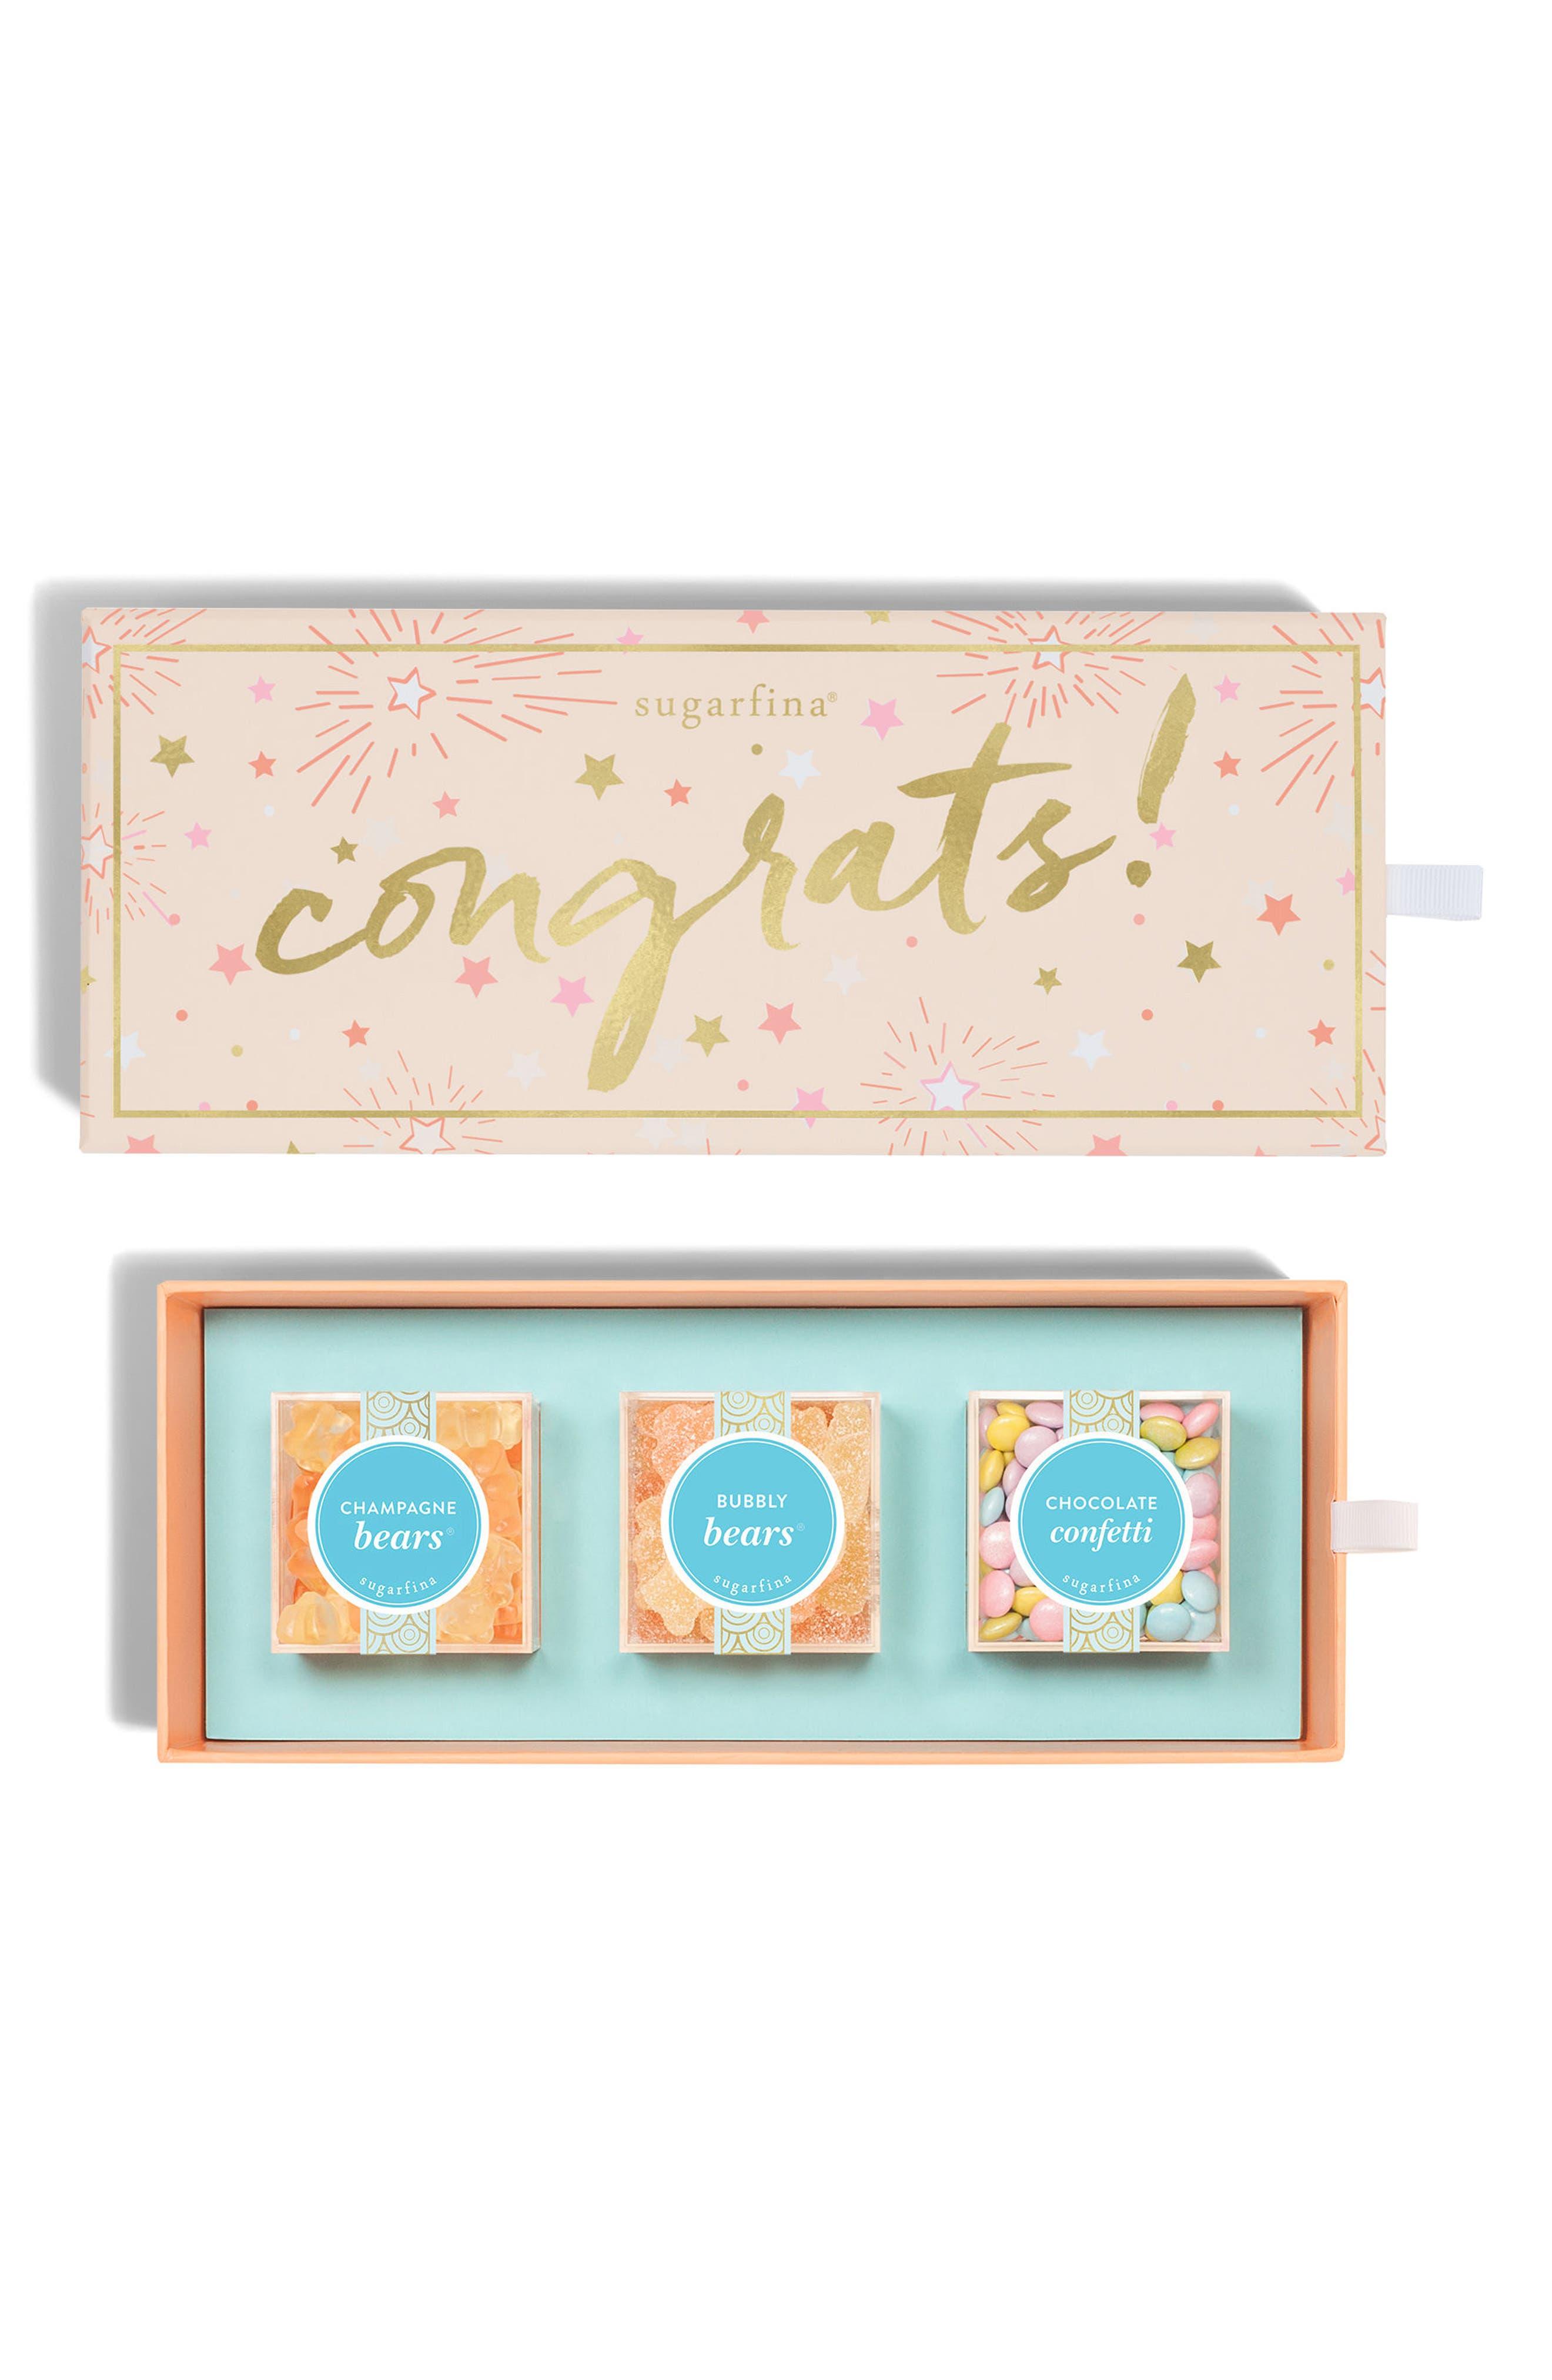 sugarfina Congrats 3-Piece Candy Bento Box